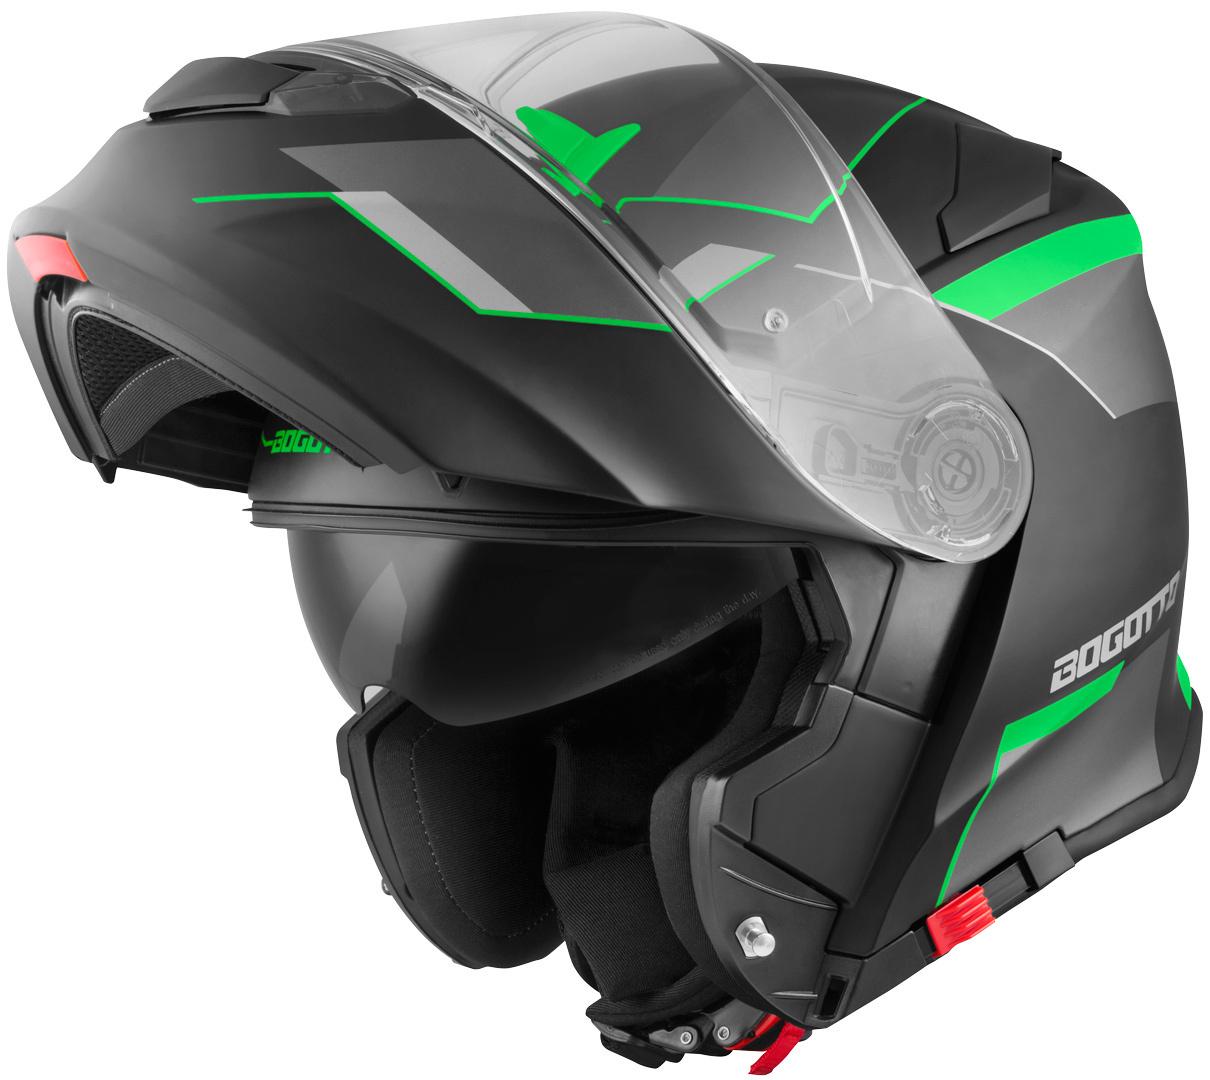 Bogotto V271 Delta Klapphelm, schwarz-grün, Größe L, schwarz-grün, Größe L